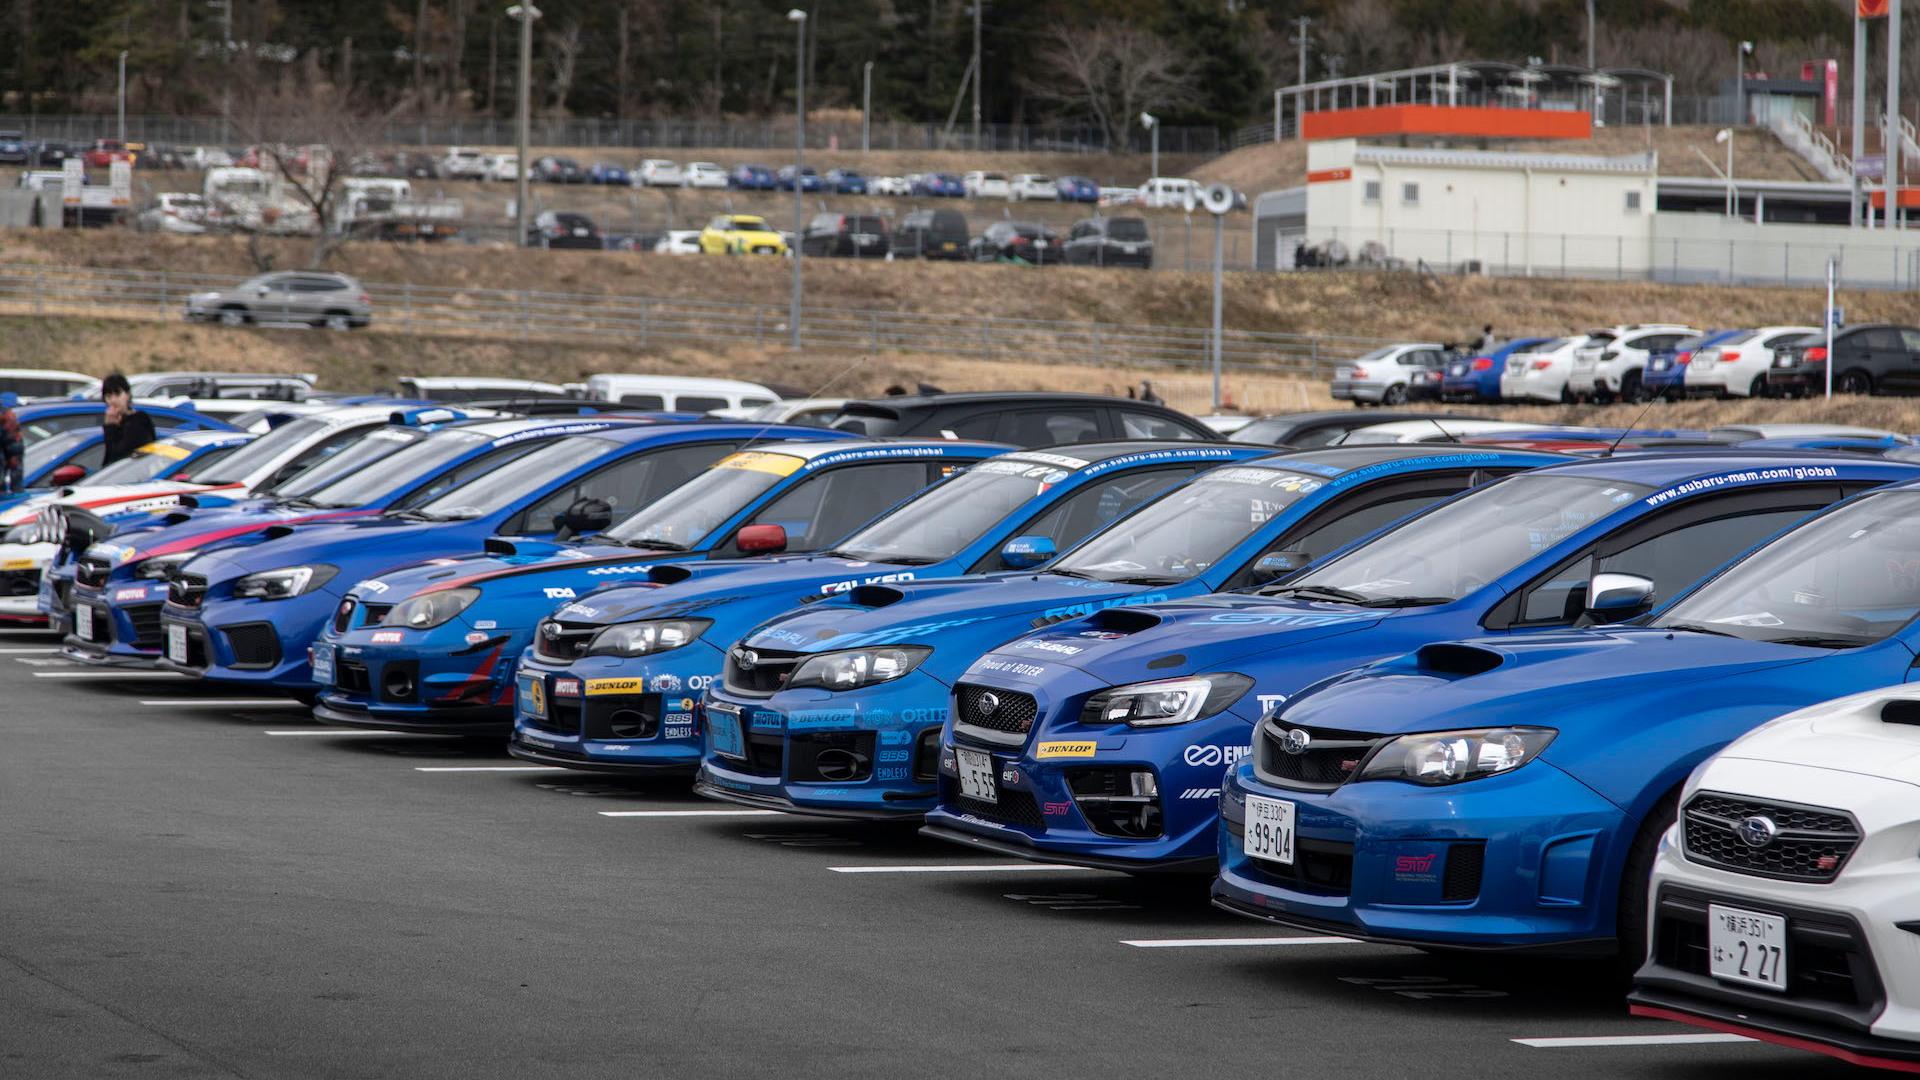 2019 Subaru WRX STI S209 first drive